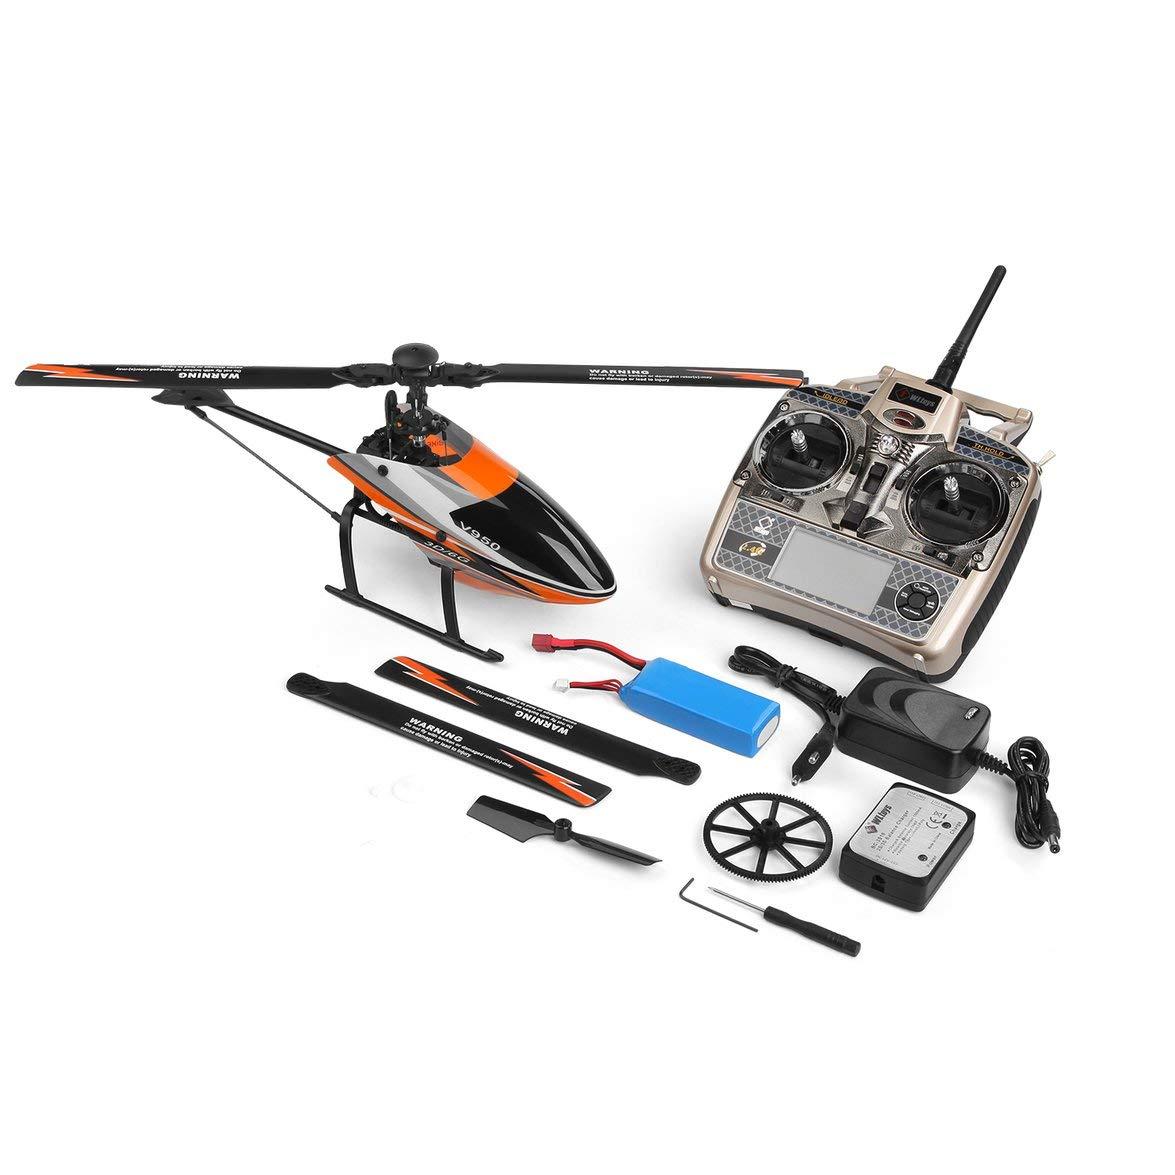 Kongqiabona WLtoys V950 2.4G 6CH 3D 3D 3D / 6G System frei geschaltet Hocheffizienter bürstenloser Motor RTF RC Hubschrauber Stärkerer Windwiderstand d56320